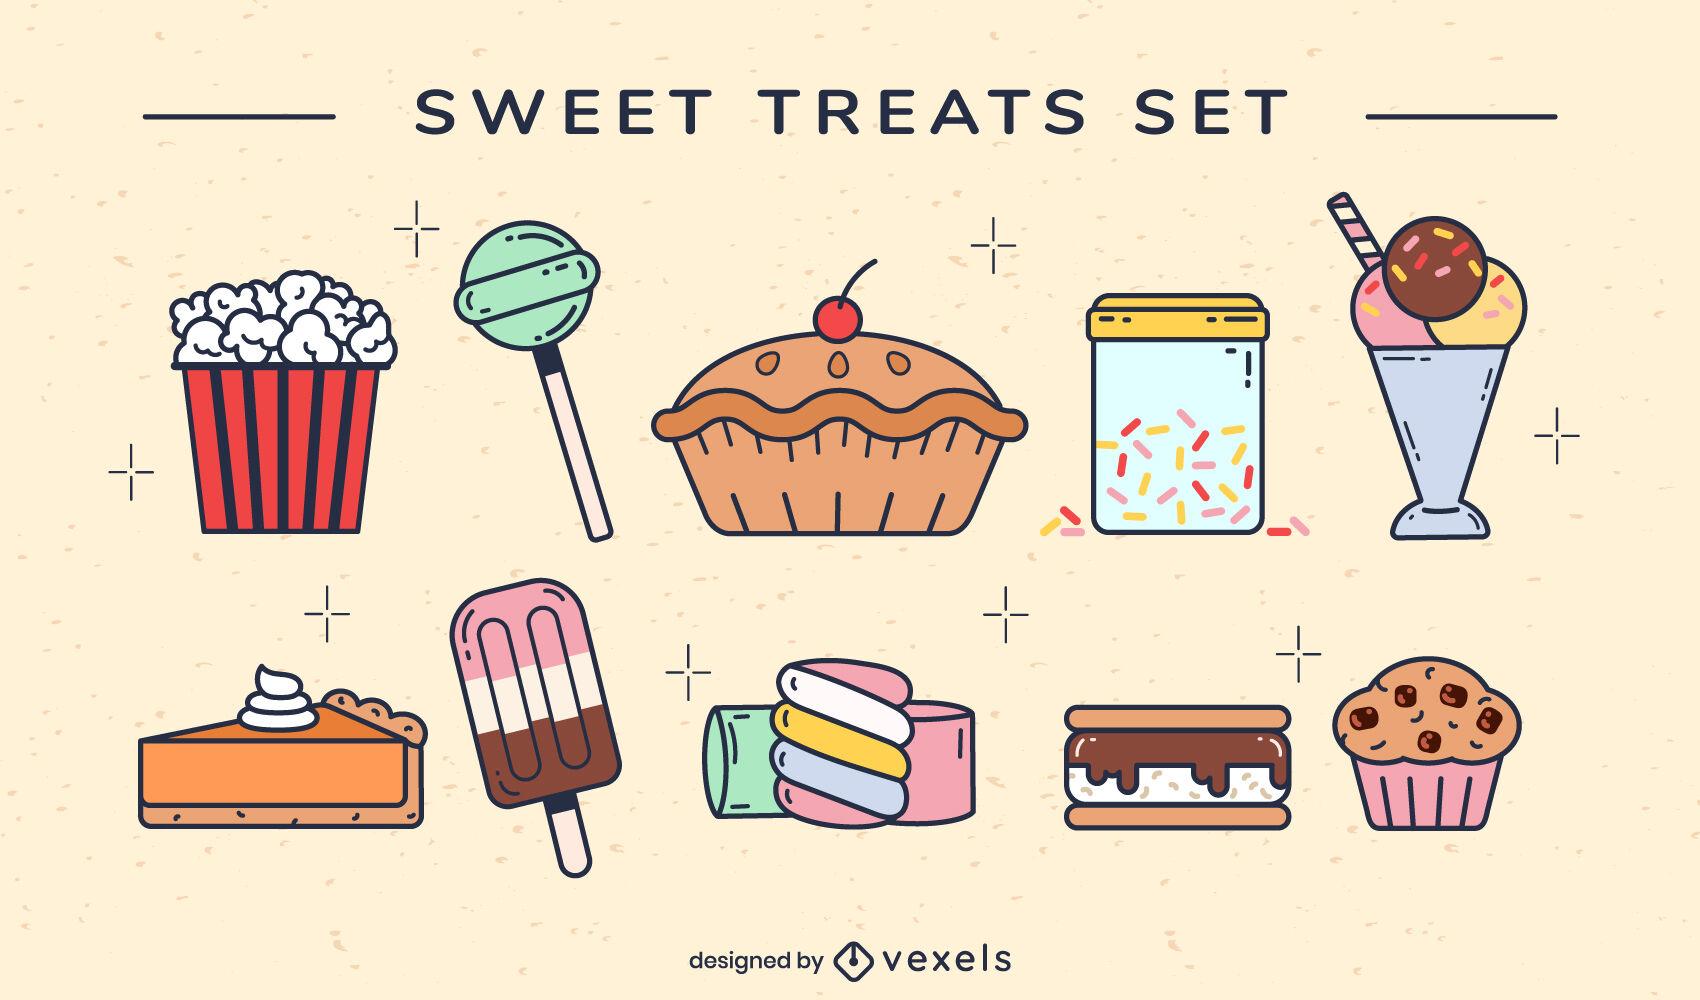 Sweet treats set color stroke